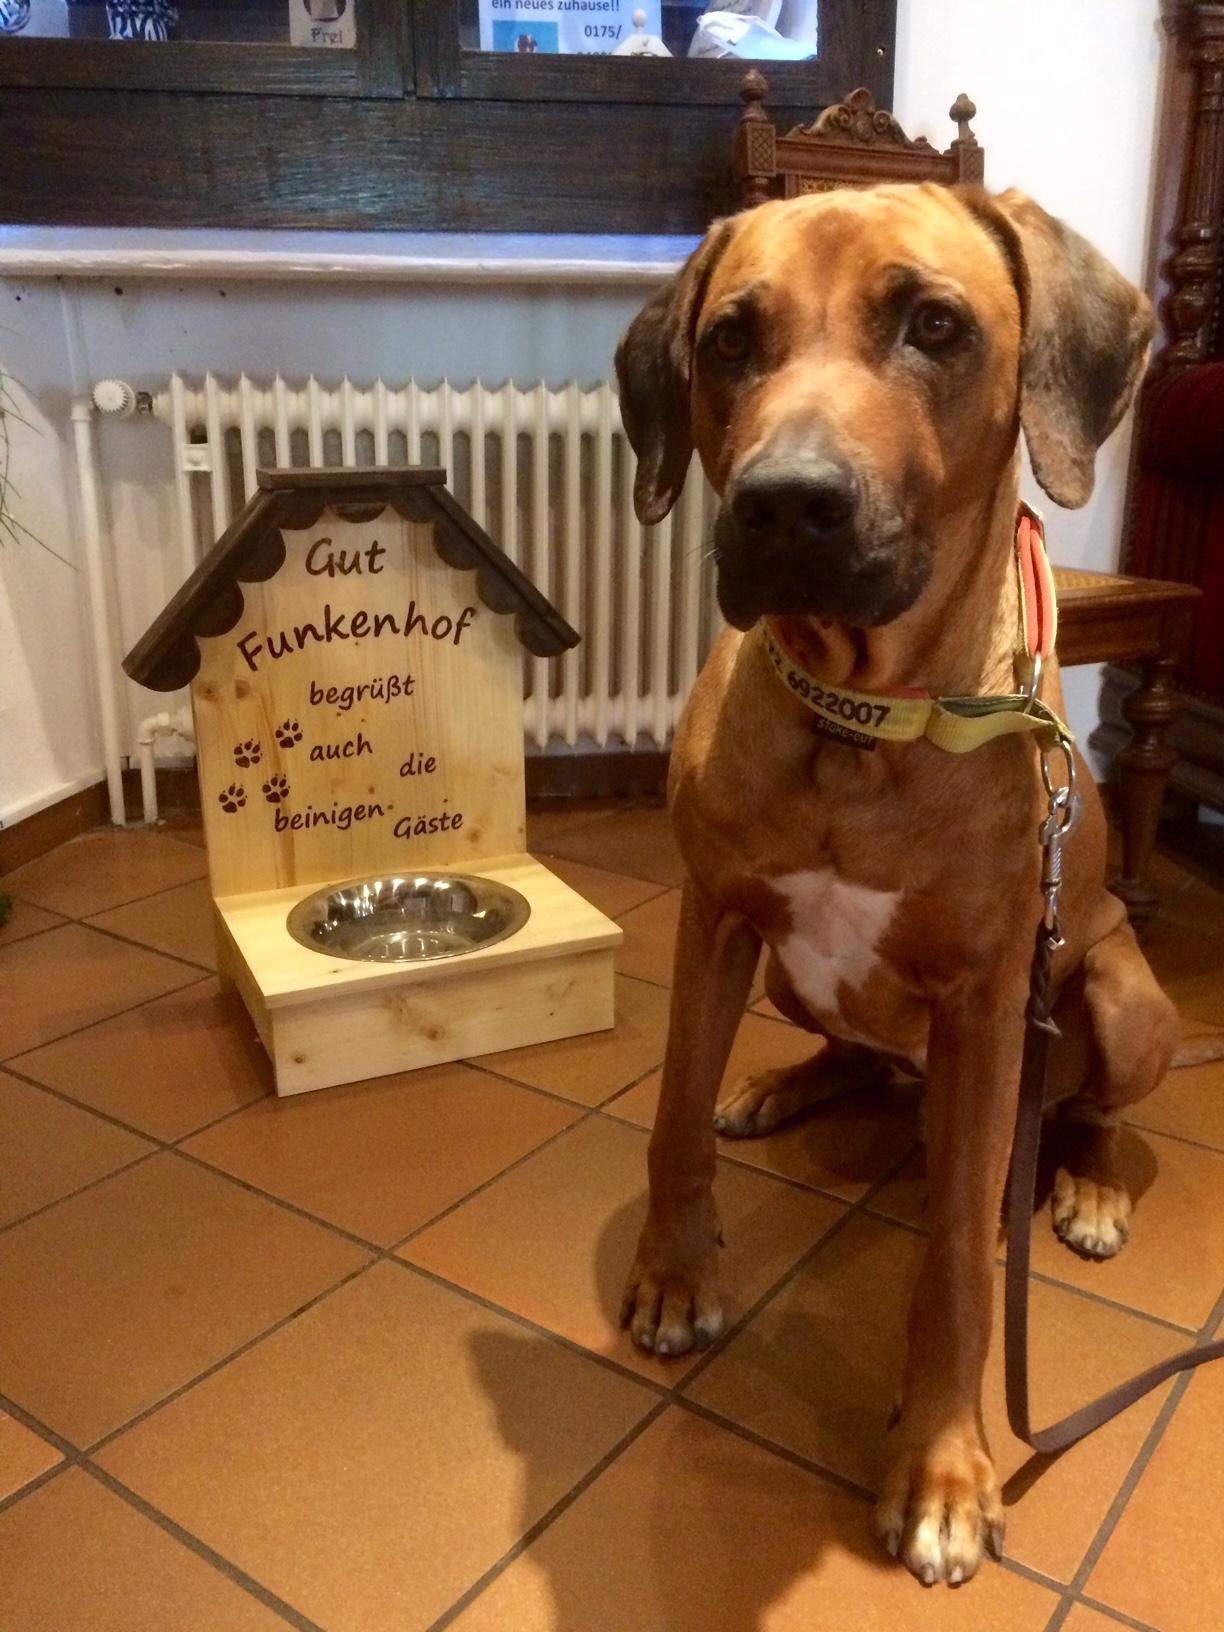 Hundefreundlichkeit Gut Funkenhof Altenhellefeld Sauerland